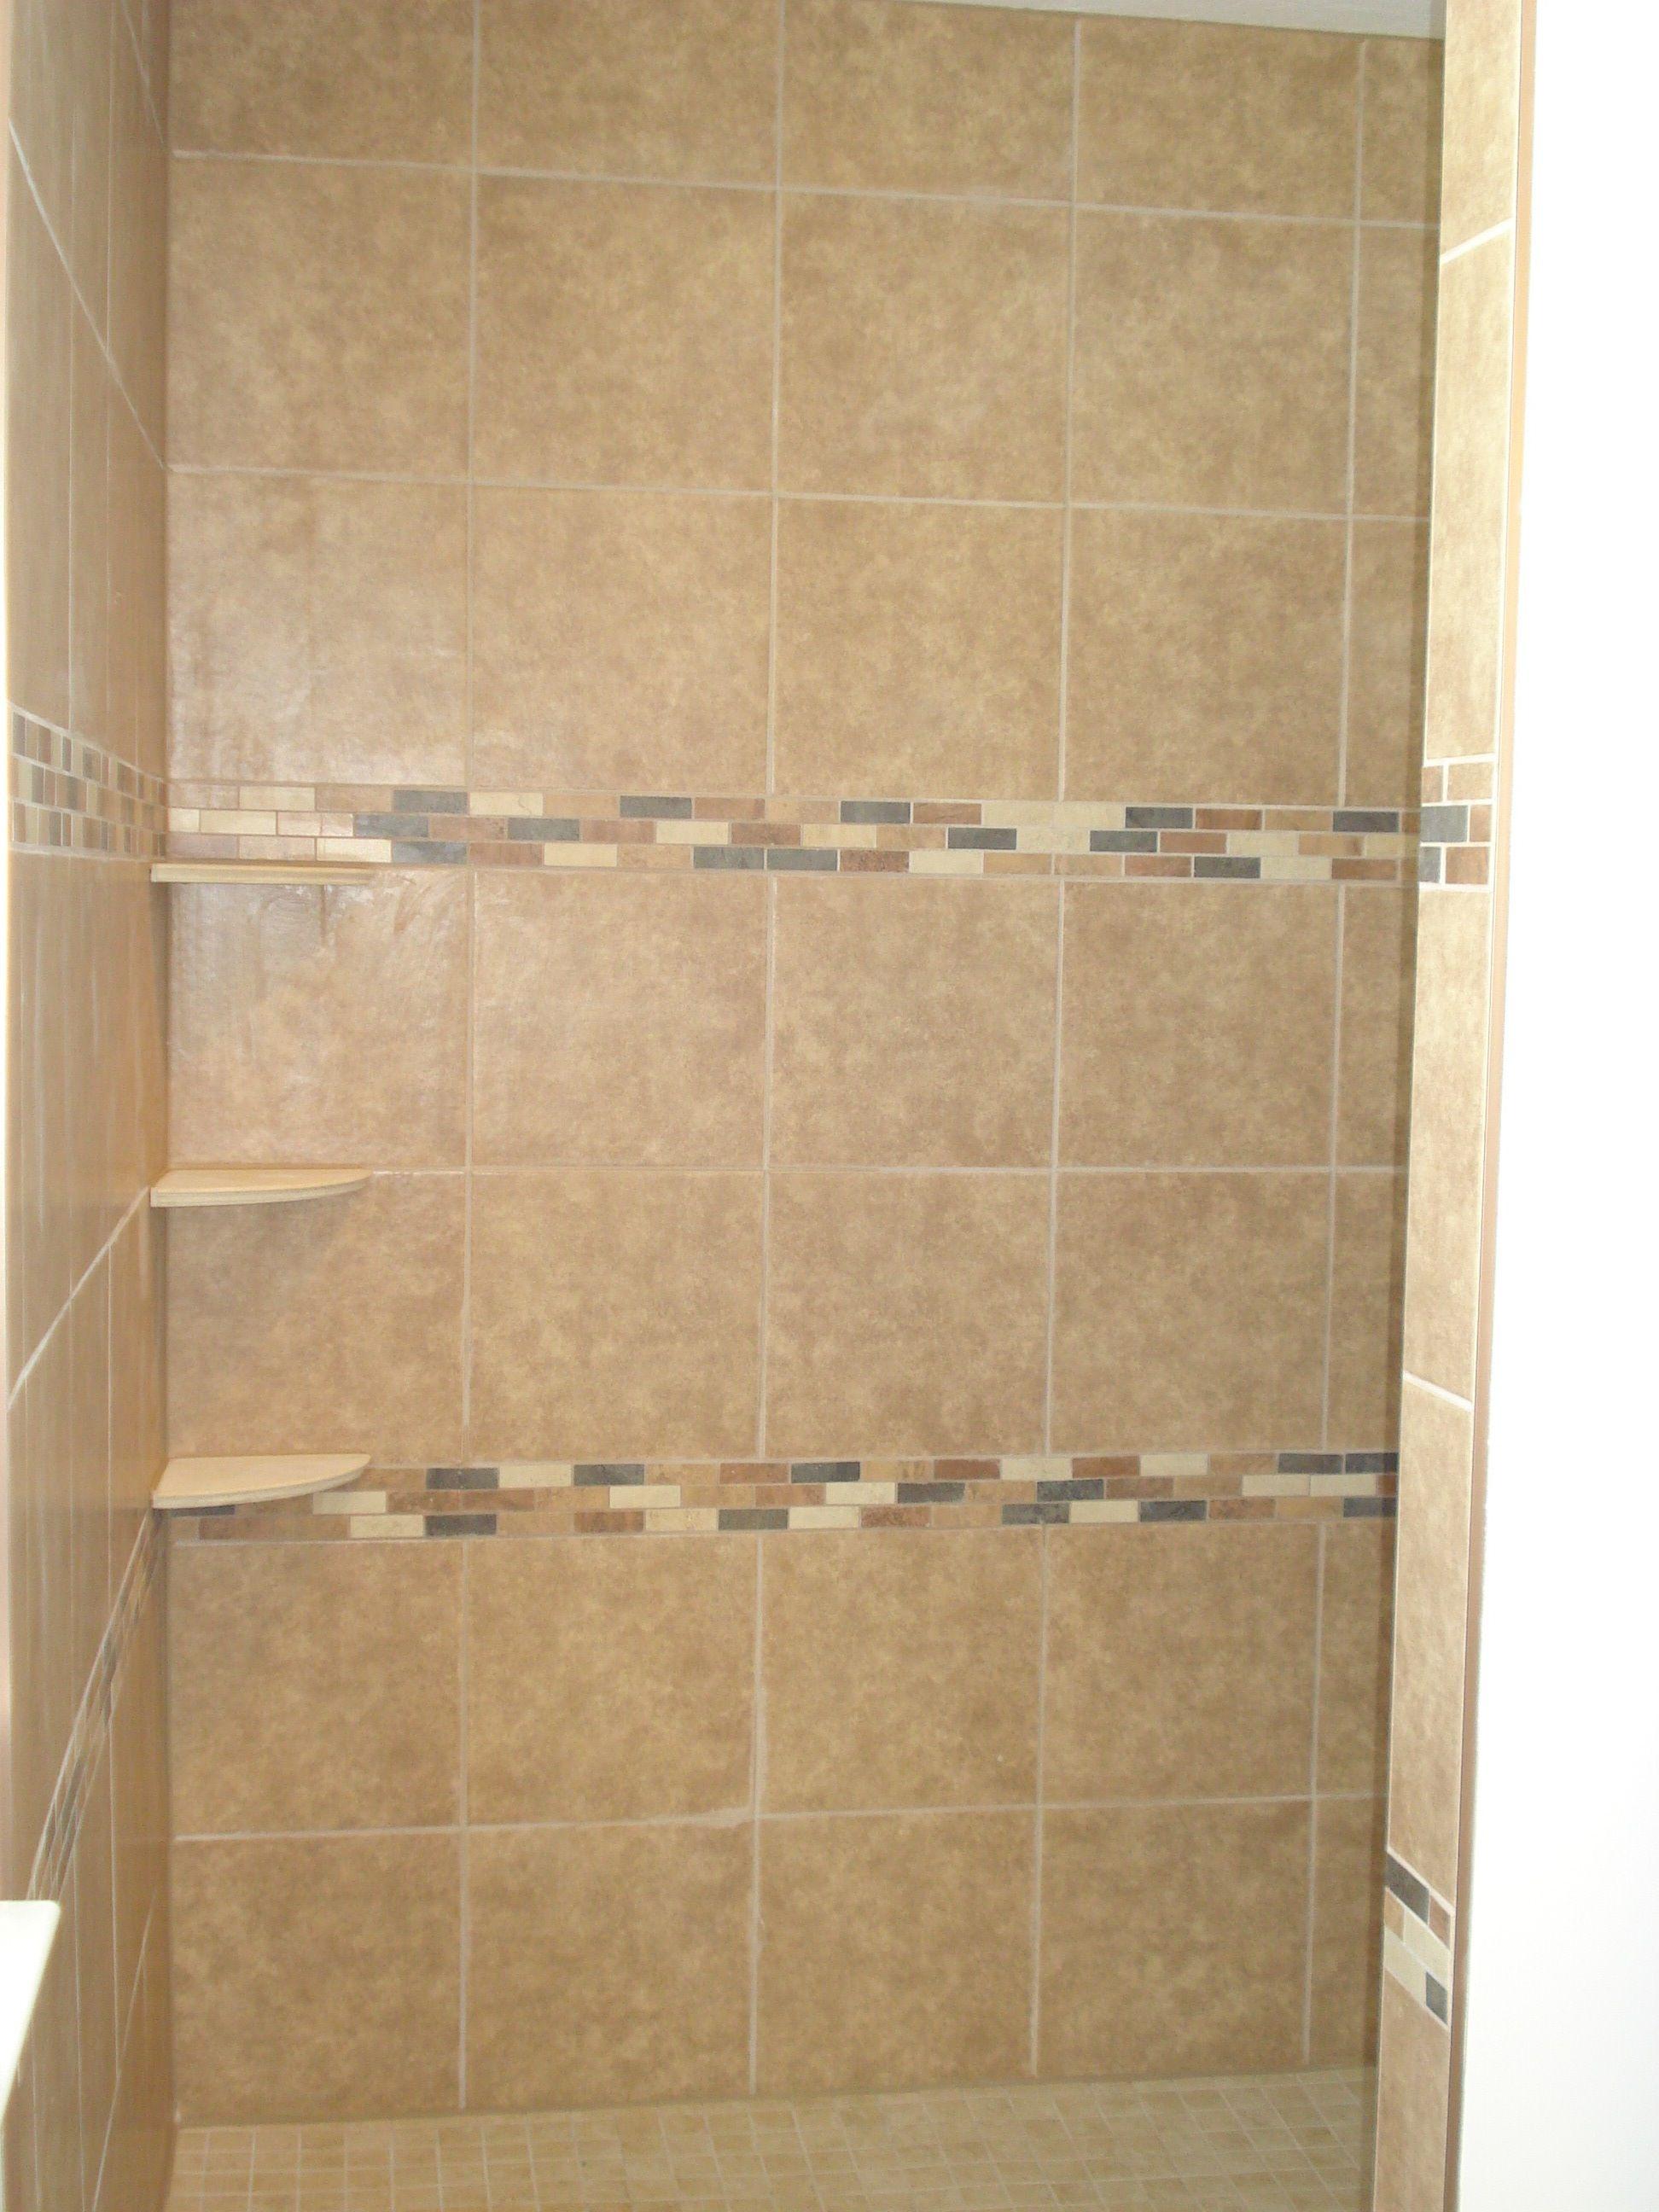 brown bathroom shower tile   Home   Pinterest   Brown bathroom, Tile ...